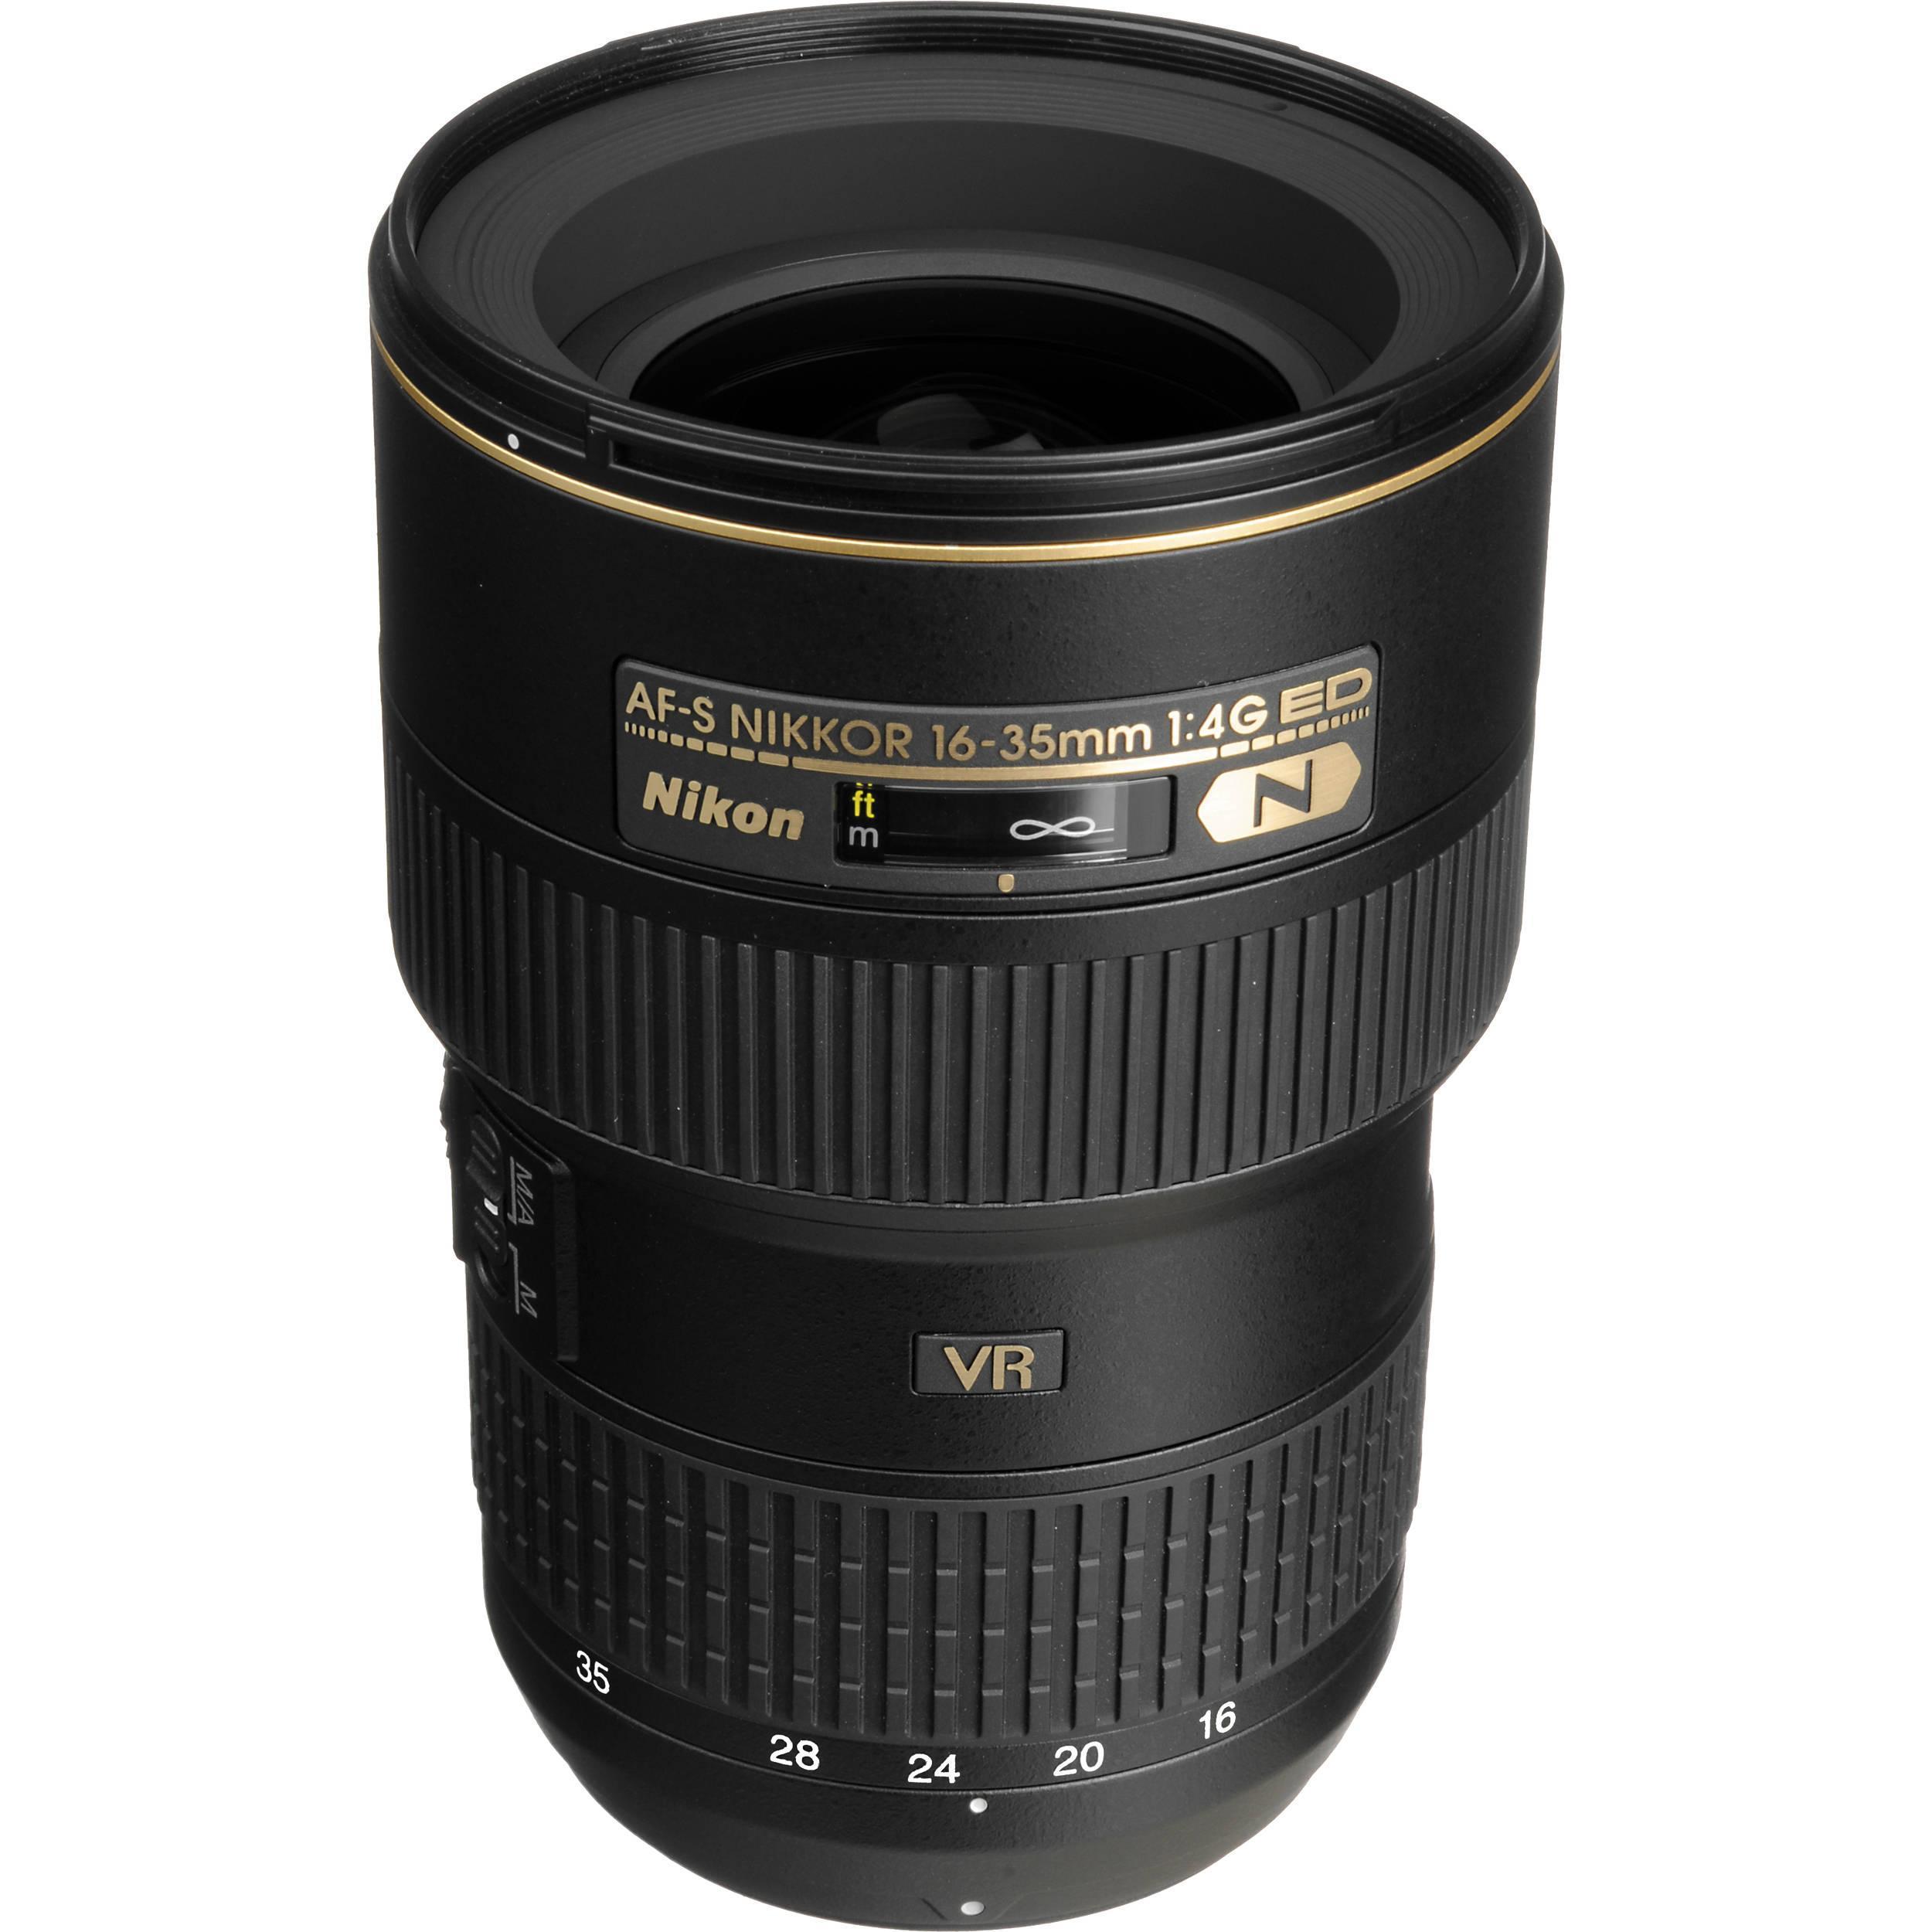 Camera Lense F 16-35mm f/4